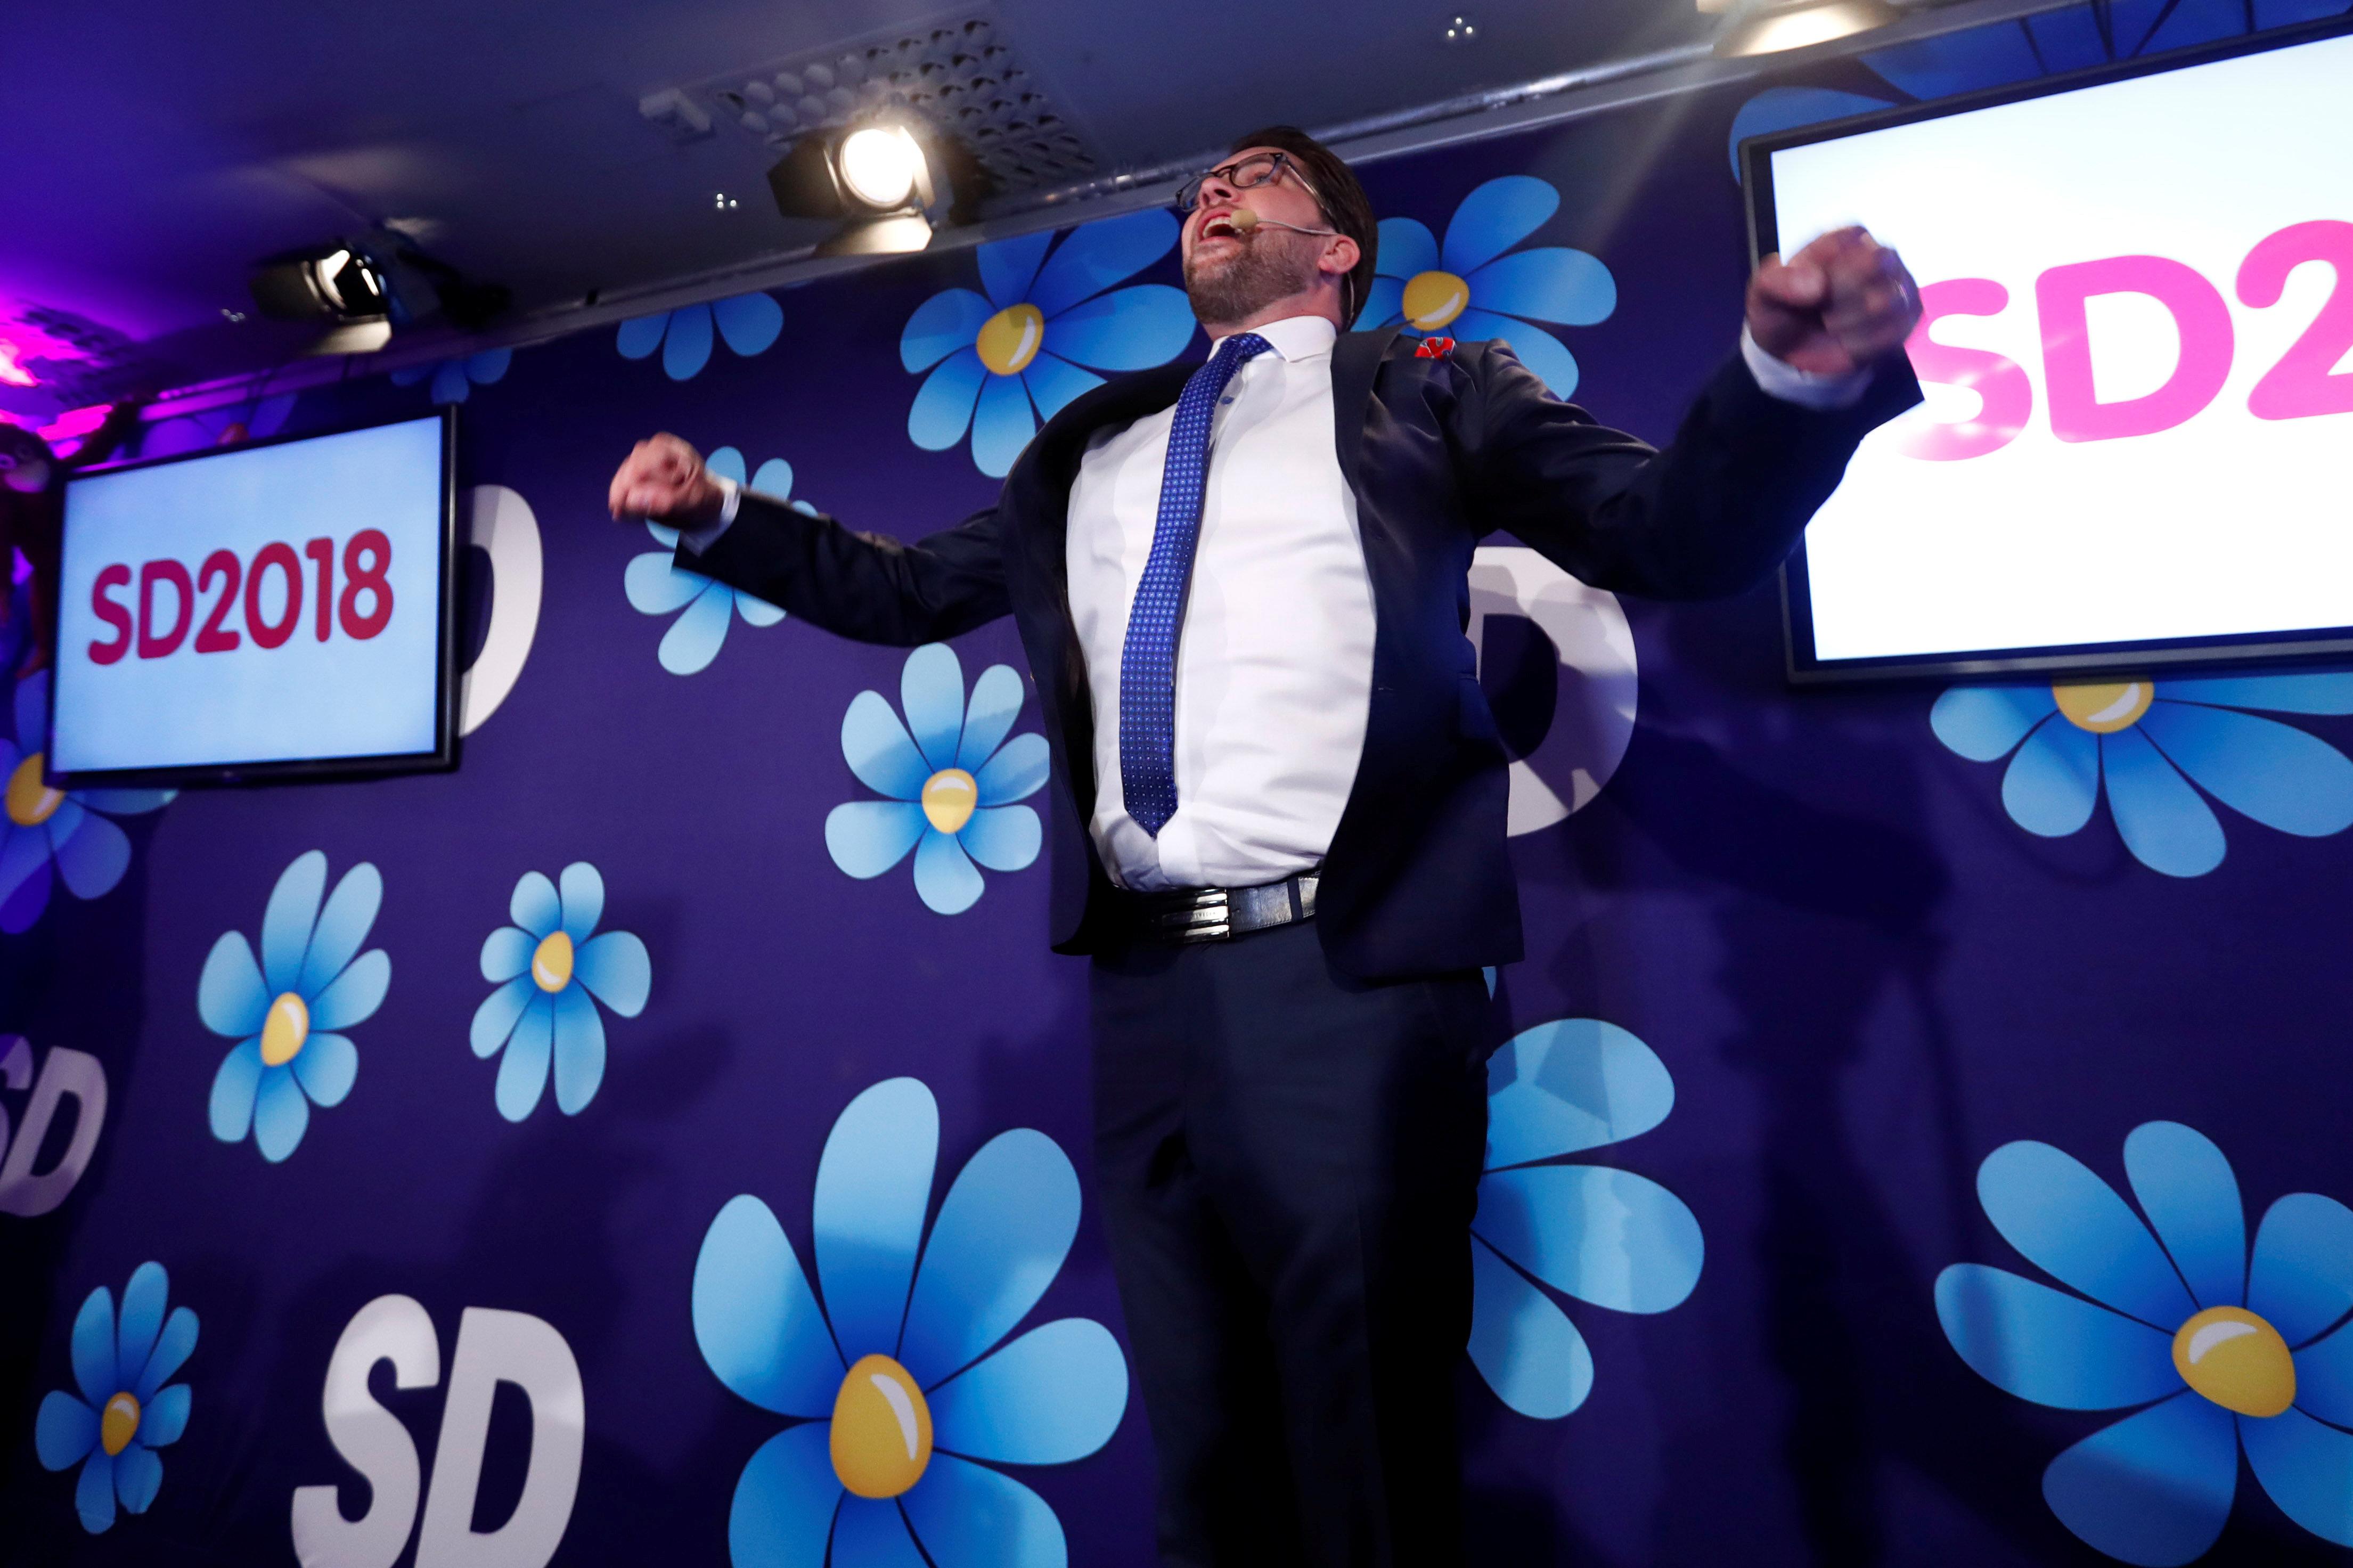 Τι σημαίνει για την Ευρώπη η δεξιά στροφή της Σουηδίας